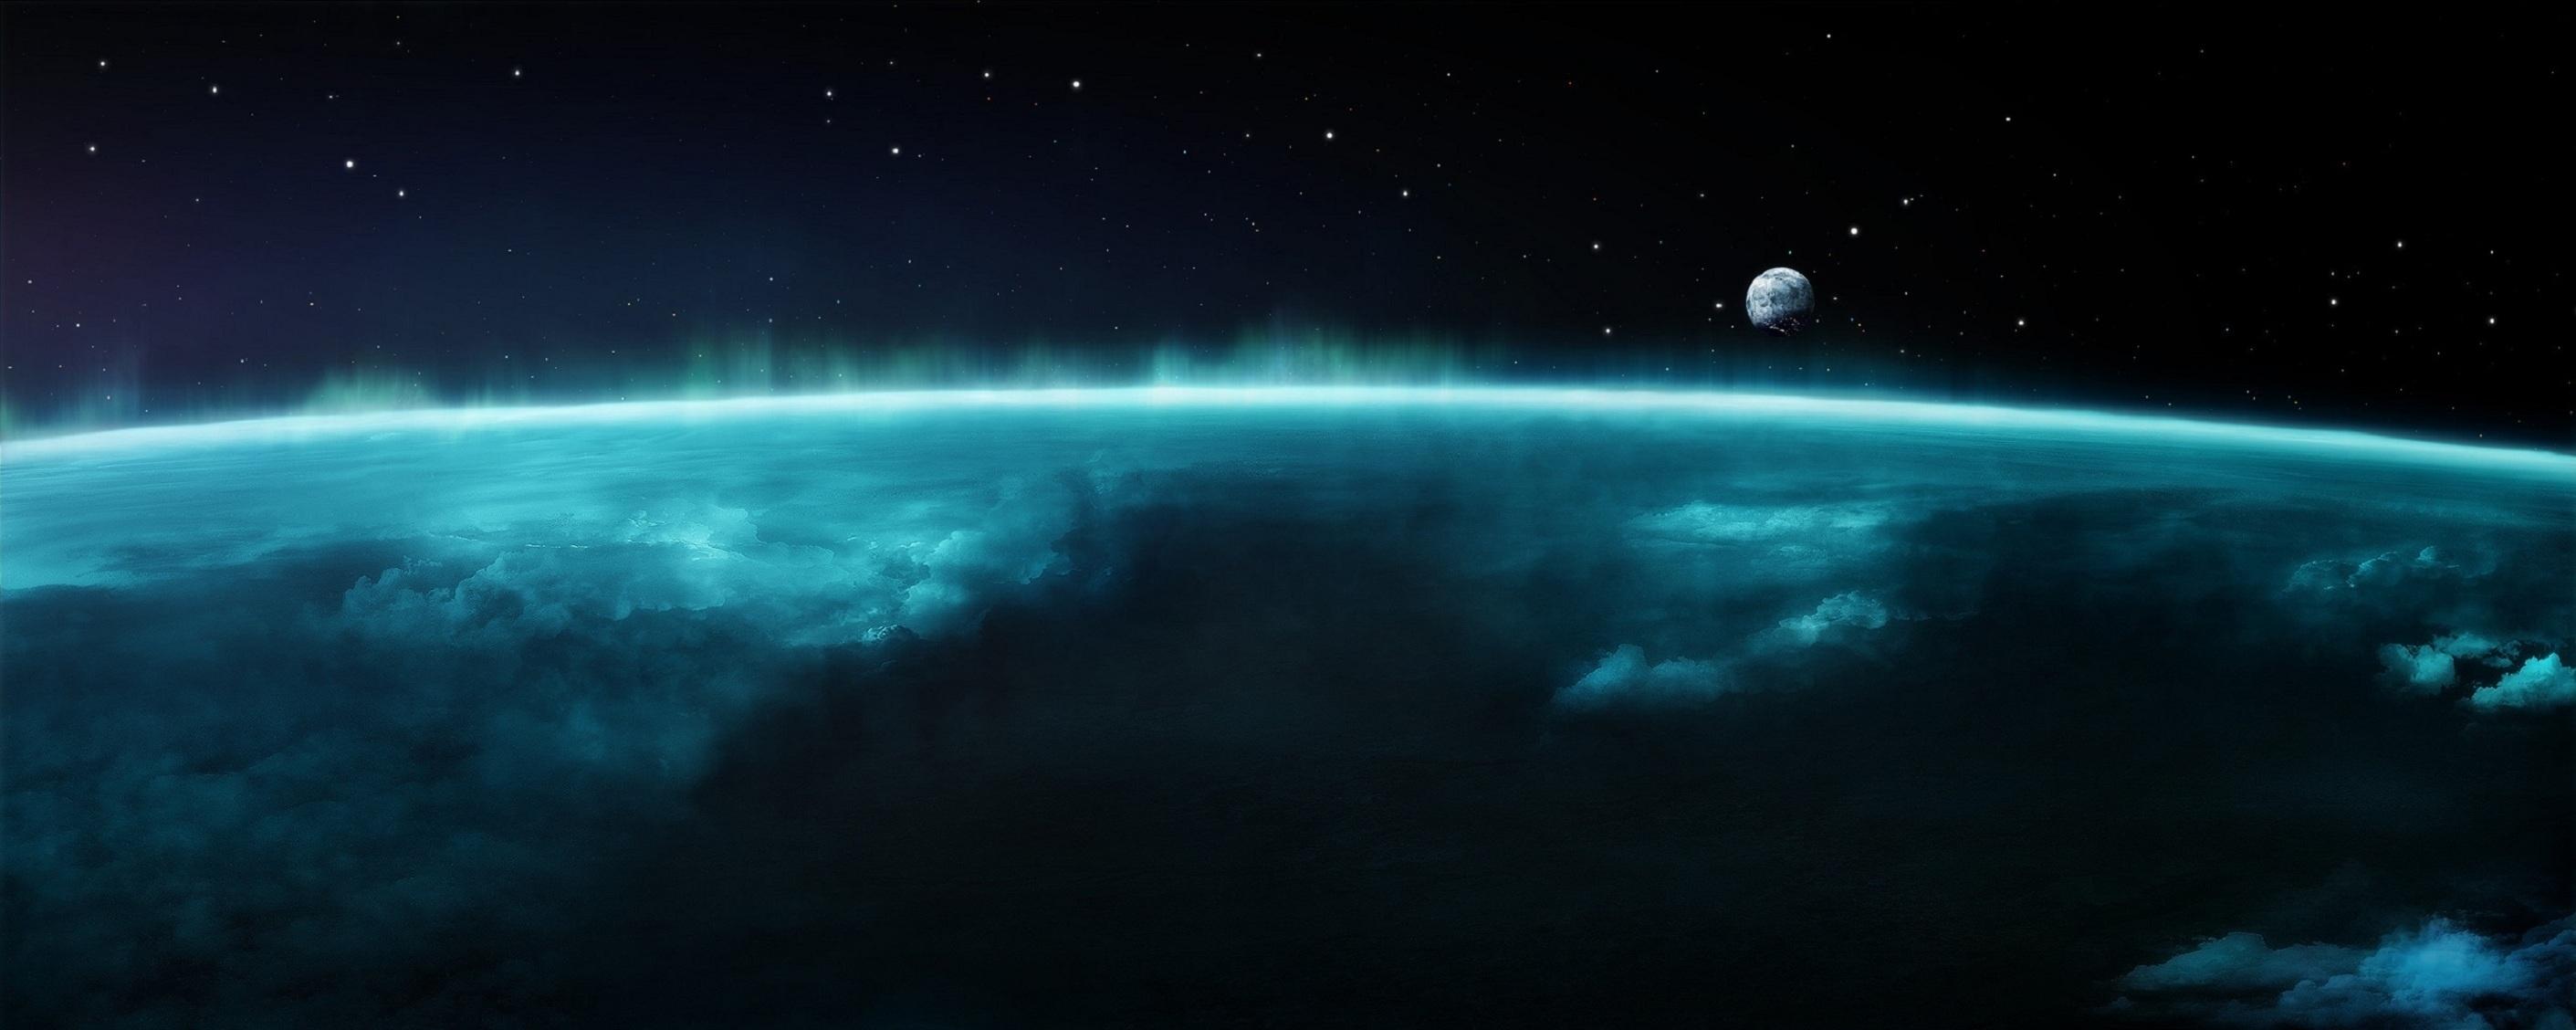 Картинка: Космос, Земля, спутник, Луна, облака, атмосфера, звёзды, свечение